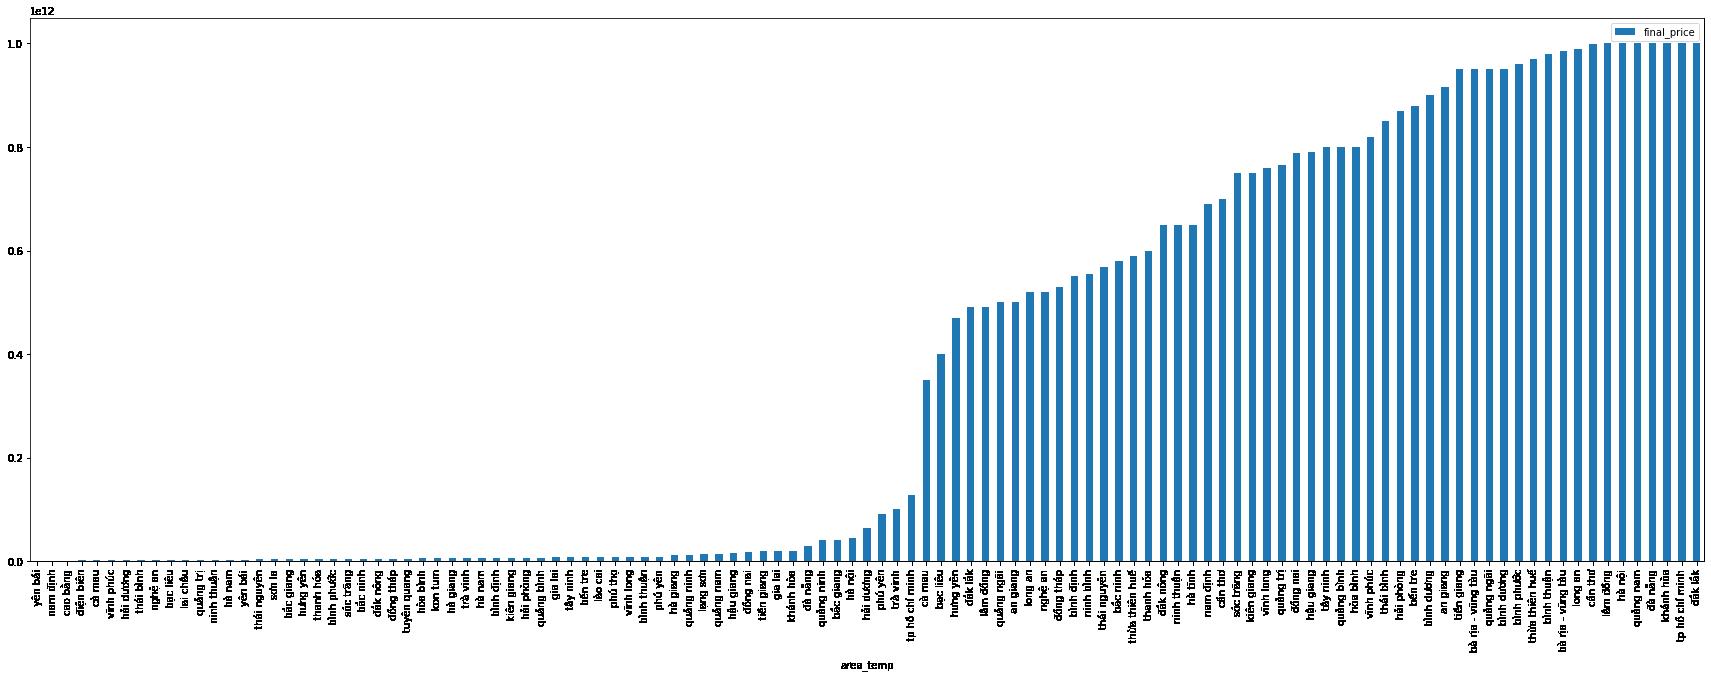 biểu đồ giá